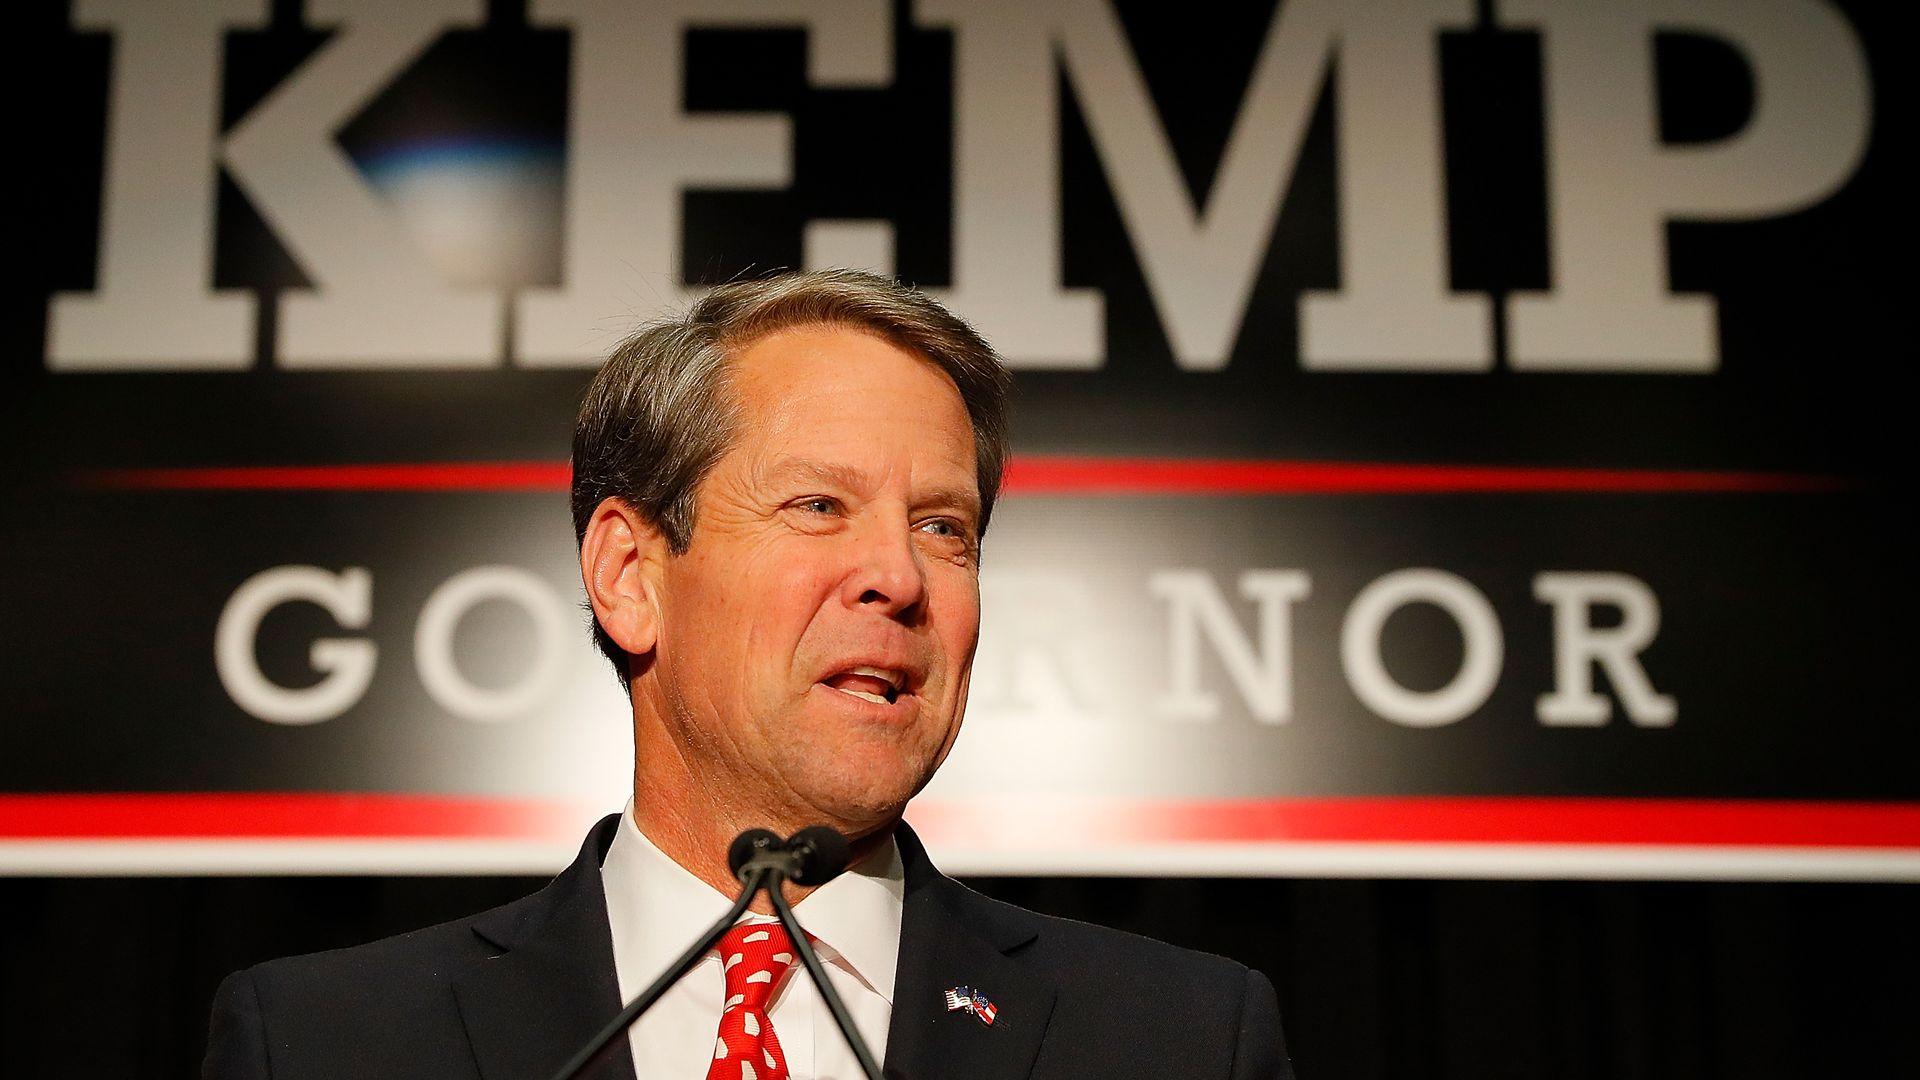 2. Georgia governor outlines ACA waiver plan